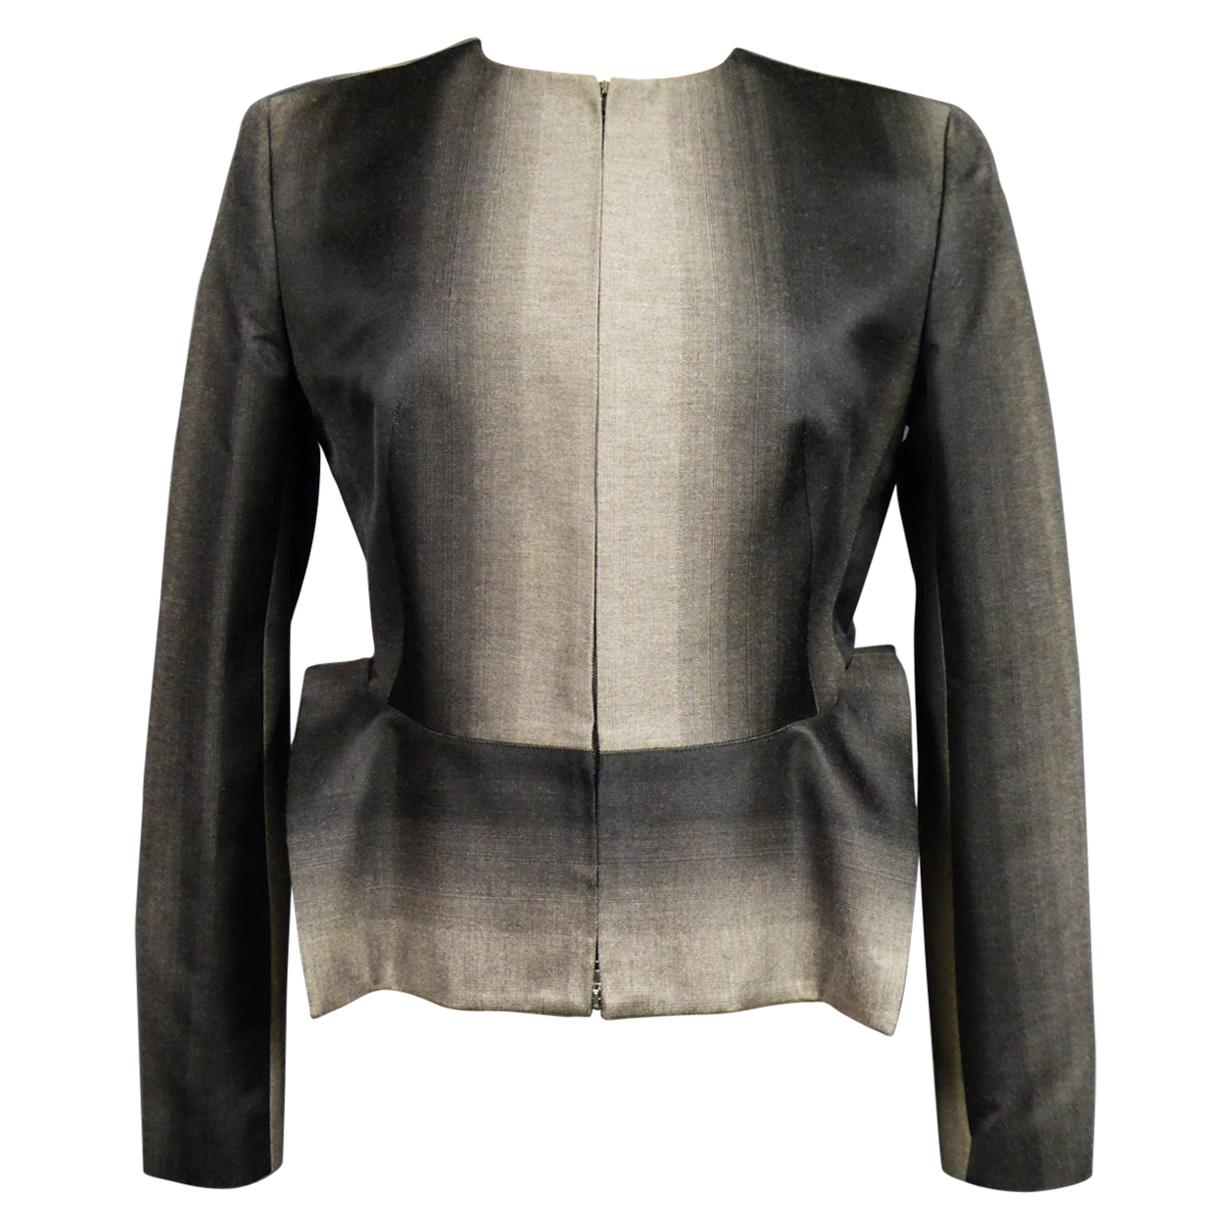 A Jean Paul Gaultier Zipped Jacket for Gibo Circa 2010